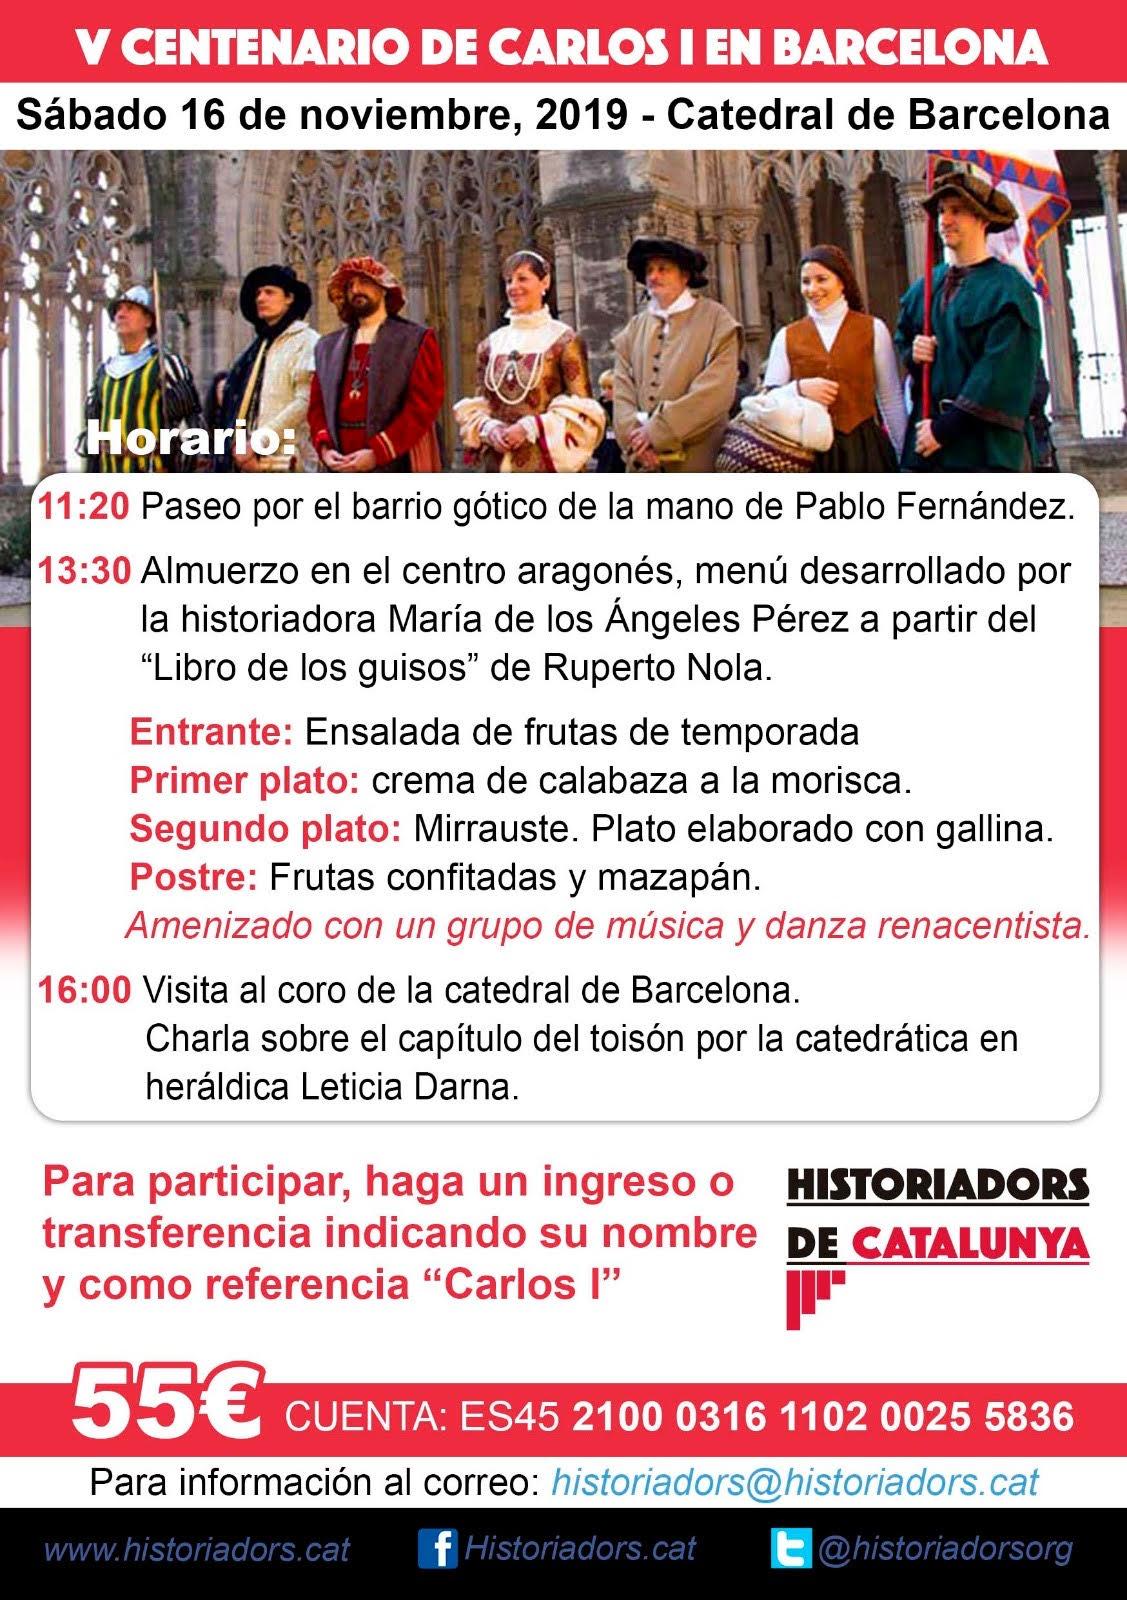 V Centenari de Carles I a Barcelona